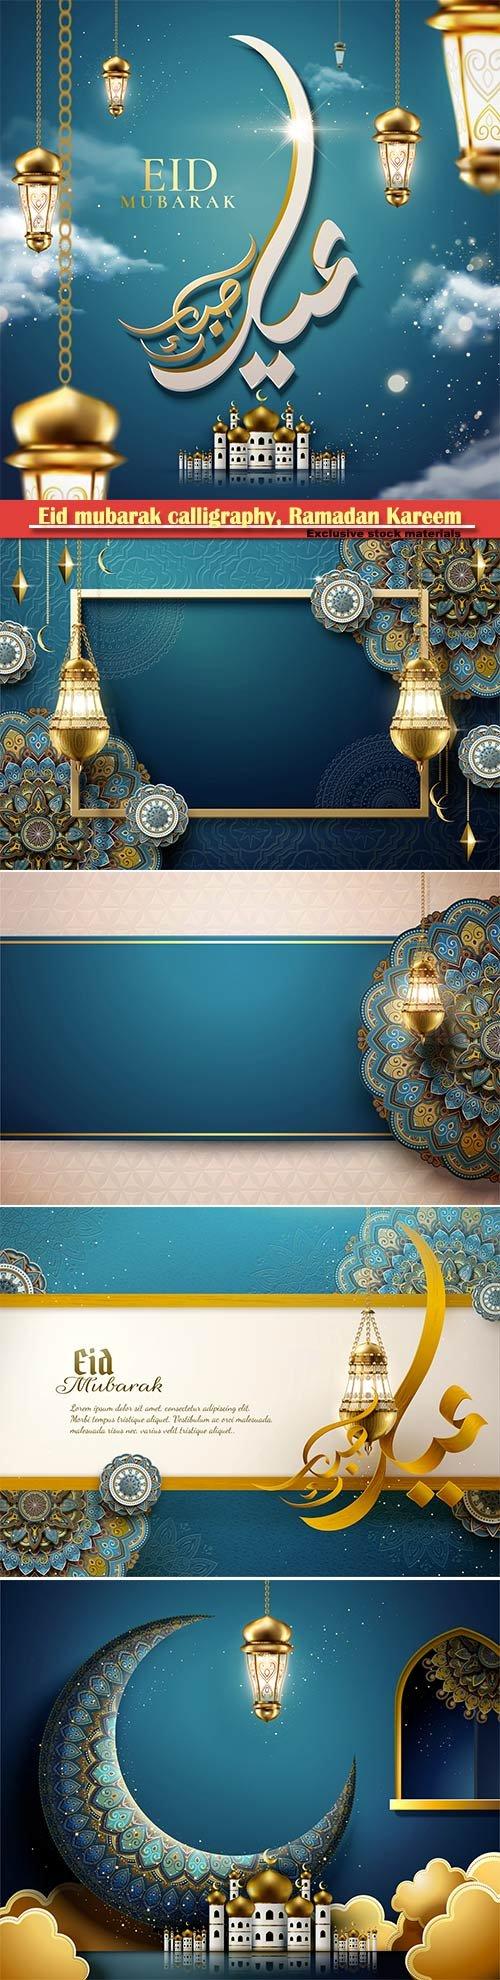 Eid mubarak calligraphy, Ramadan Kareem vector card # 8